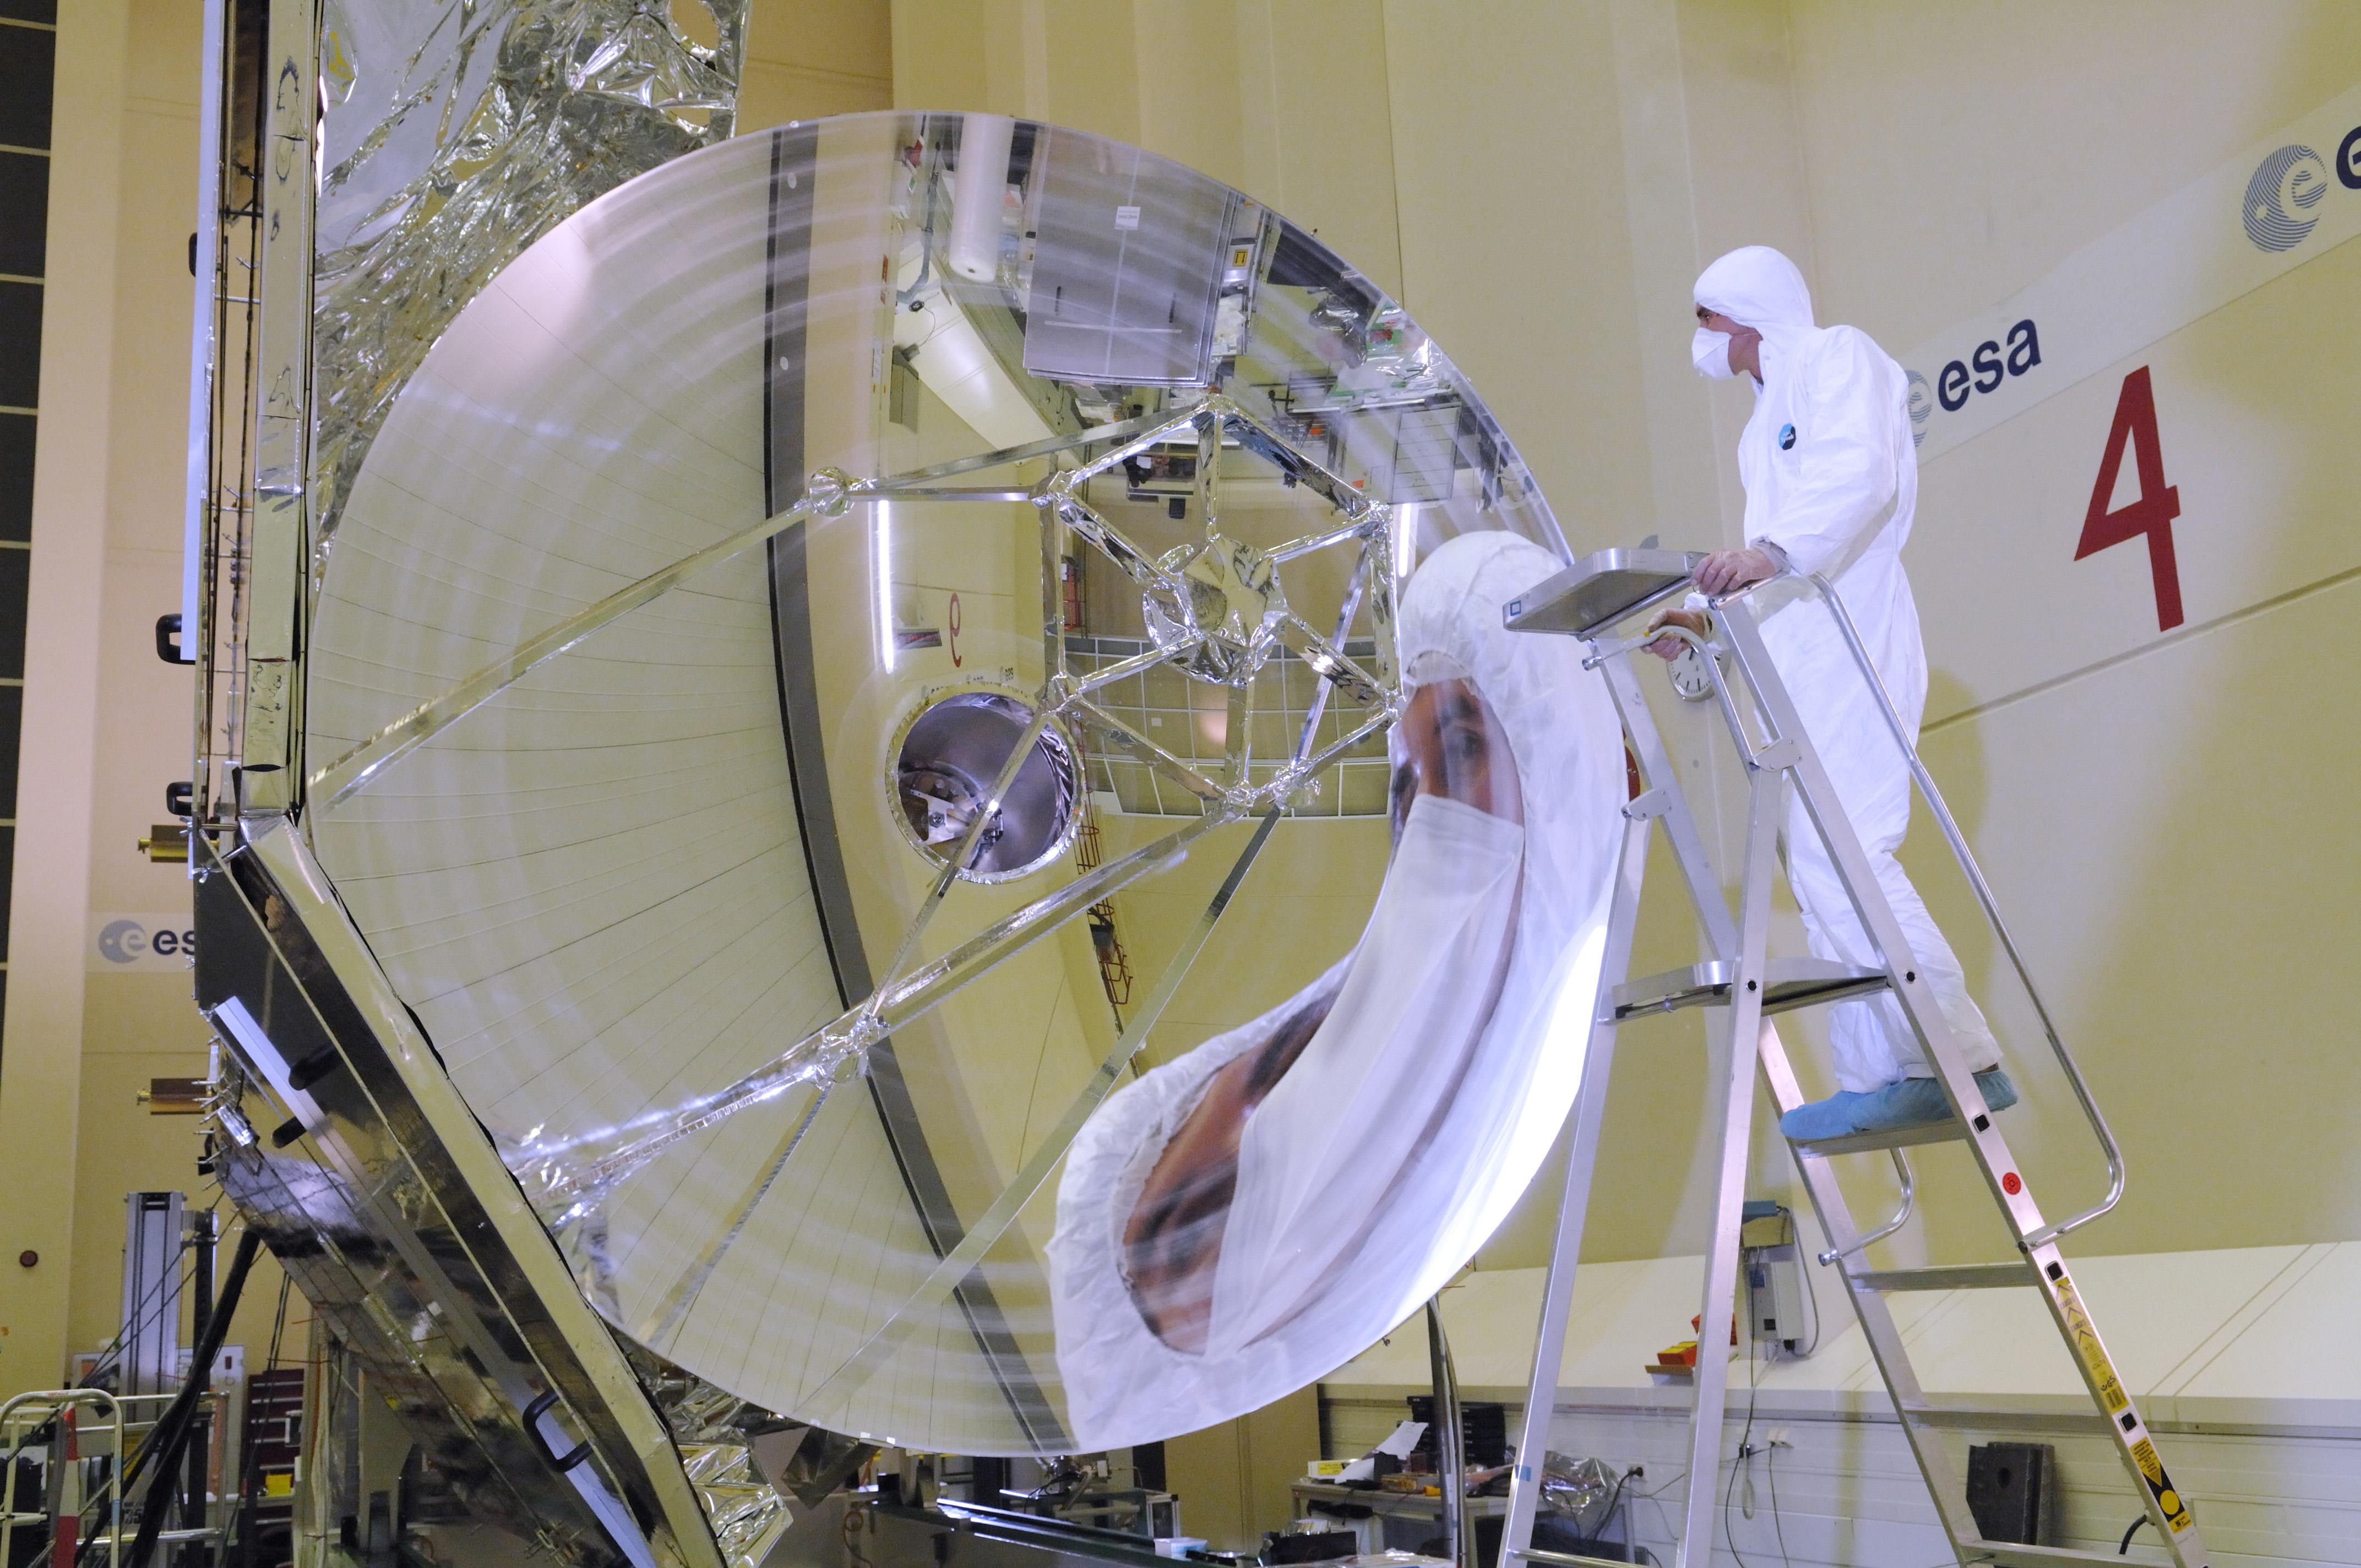 The Herschel telescope.